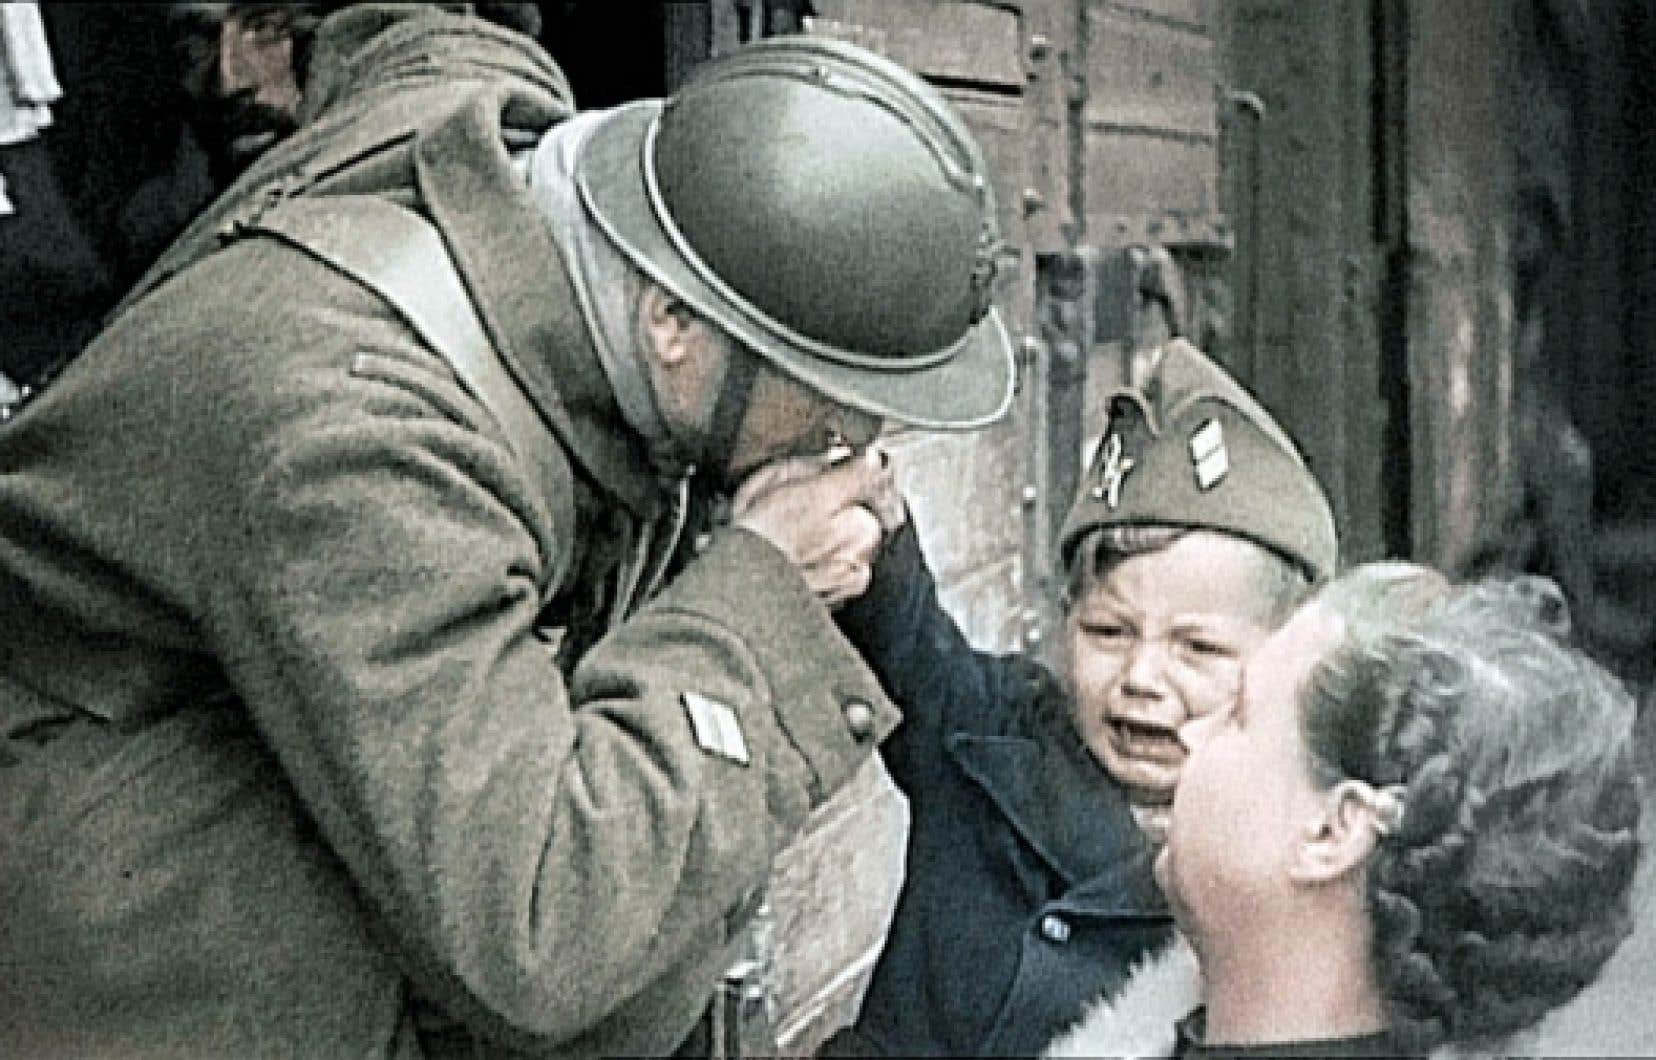 Un simple soldat part pour le front (image tirée de la série Apocalypse).